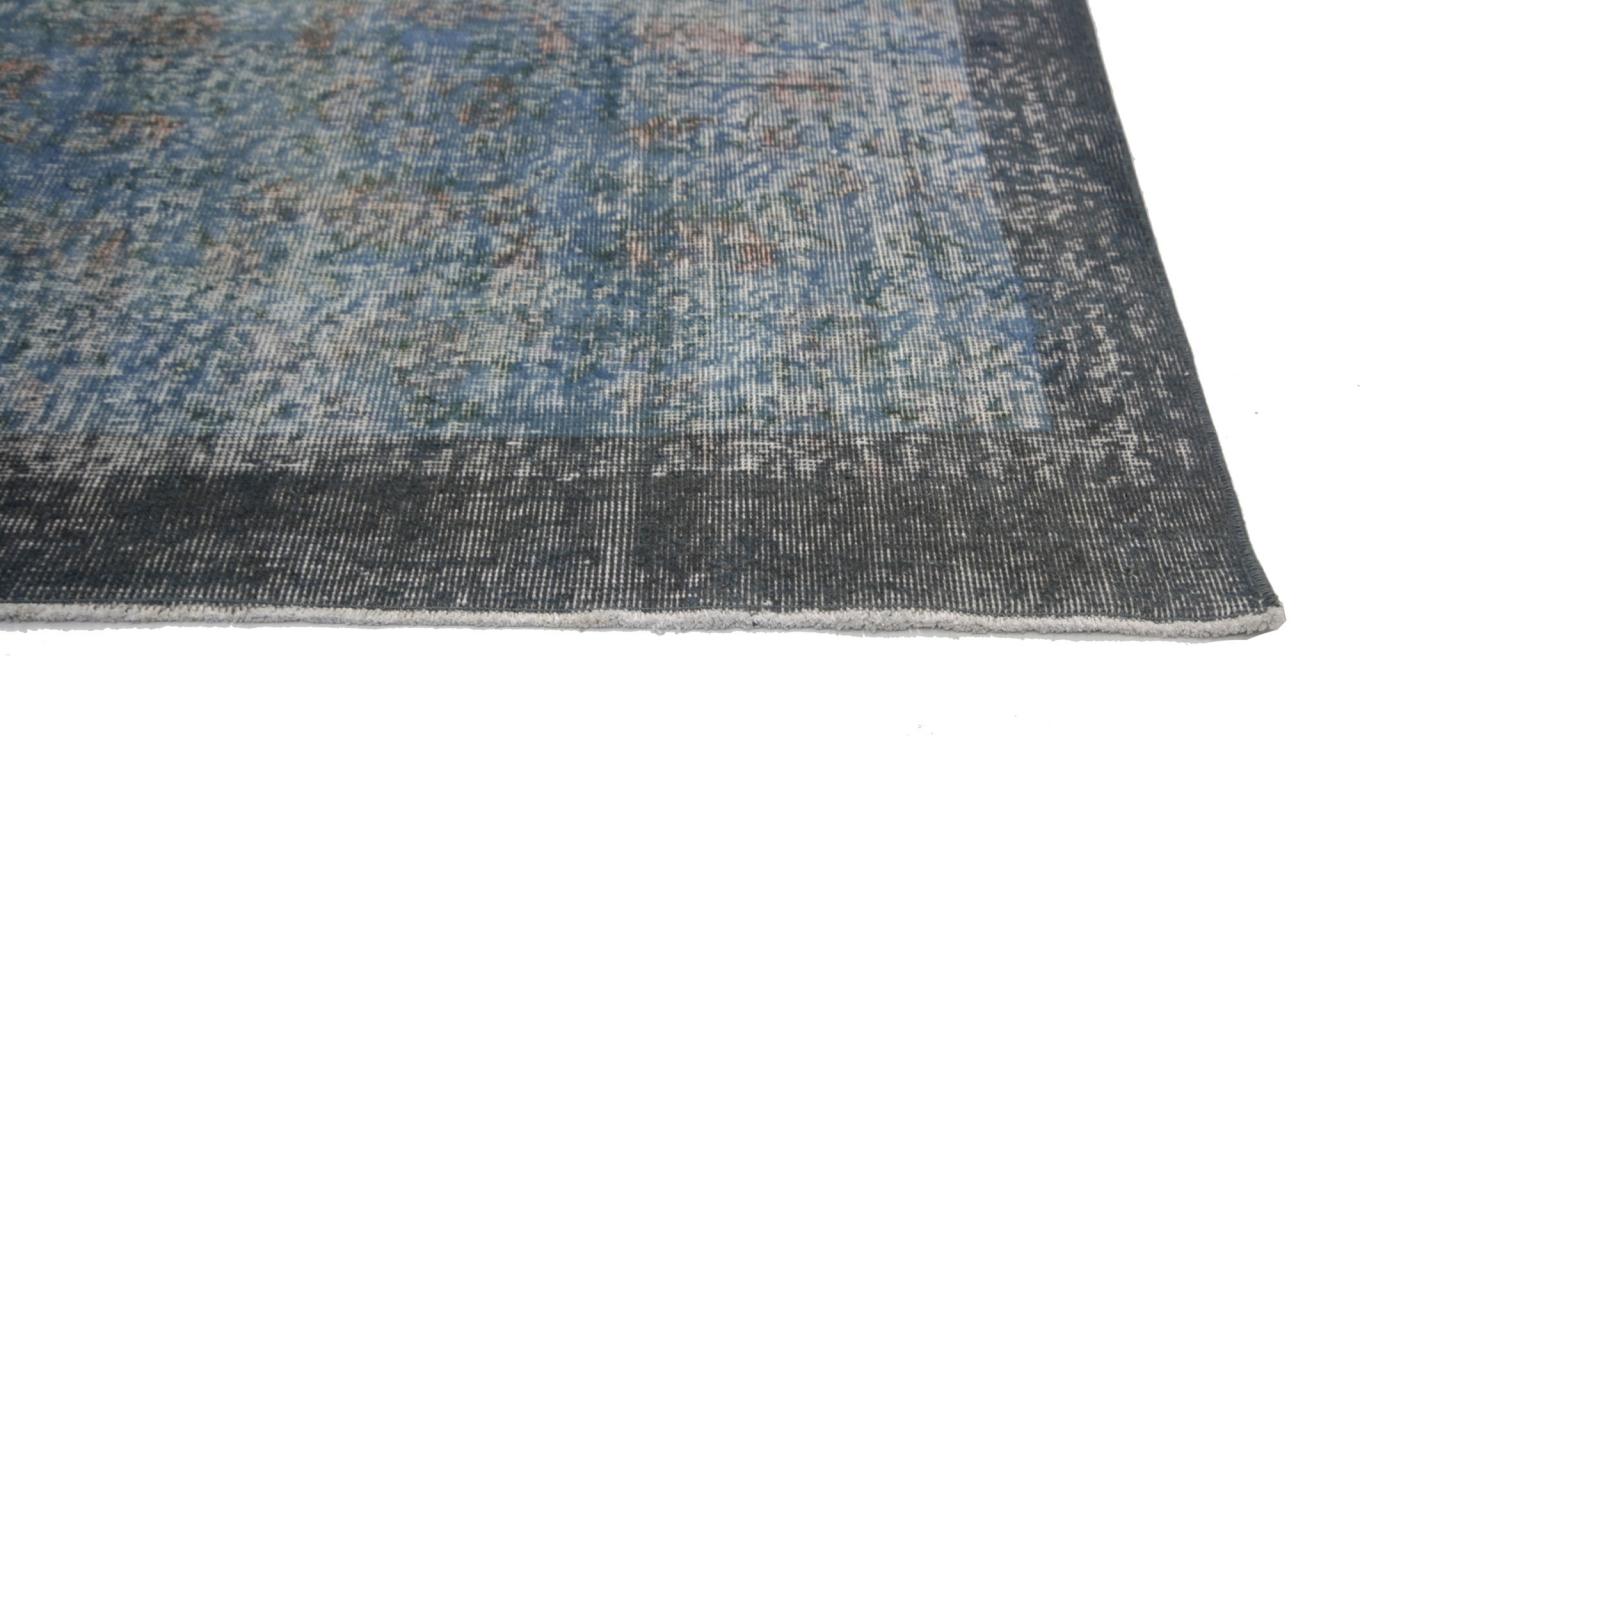 bleu vintage tapis recolor s 193x280cm. Black Bedroom Furniture Sets. Home Design Ideas